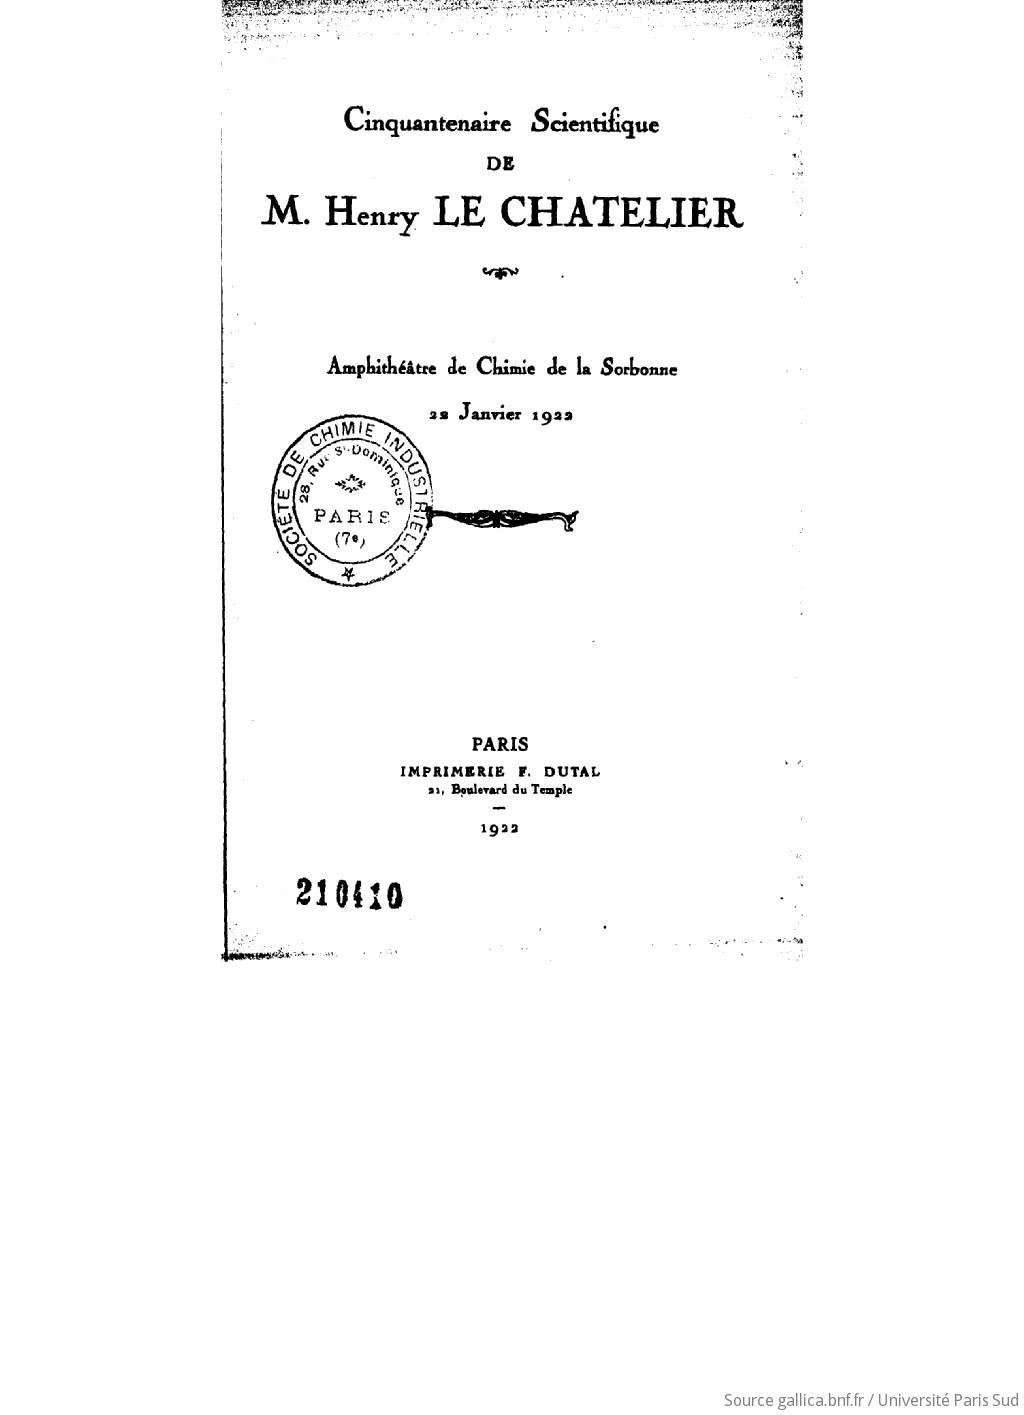 Cinquantenaire scientifique de M. Henry Le Chatelier : amphithéâtre de chimie de la Sorbonne, 22 janvier 1922